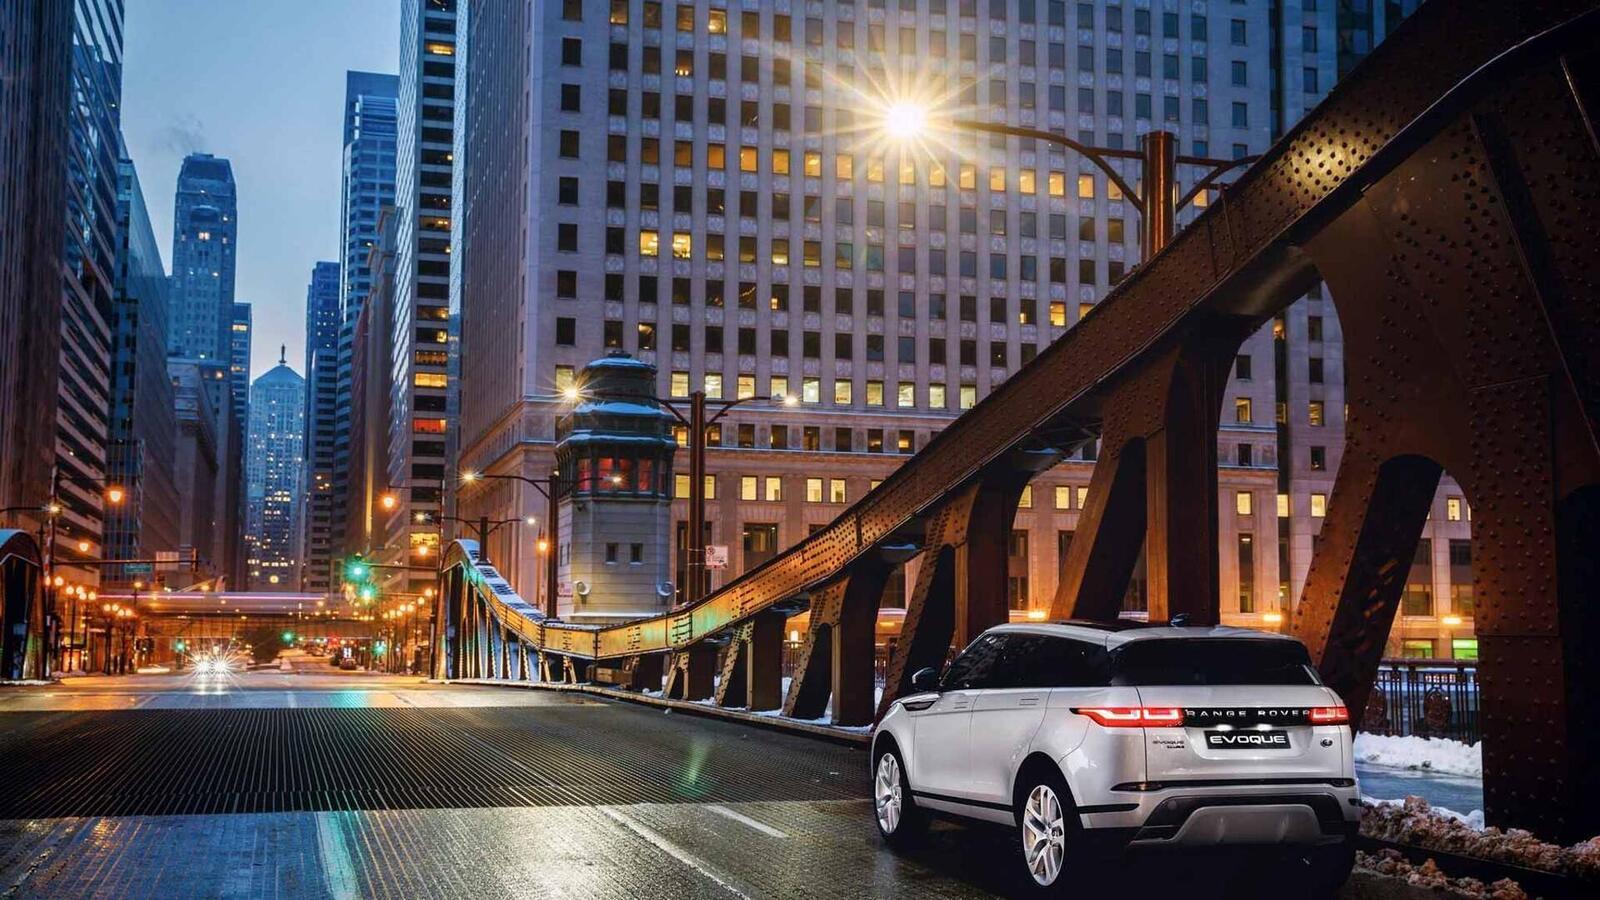 Range Rover Evoque mới tại Mỹ có giá từ 43.645 USD, đắt hơn Audi Q5 và Mercedes GLC - Hình 22